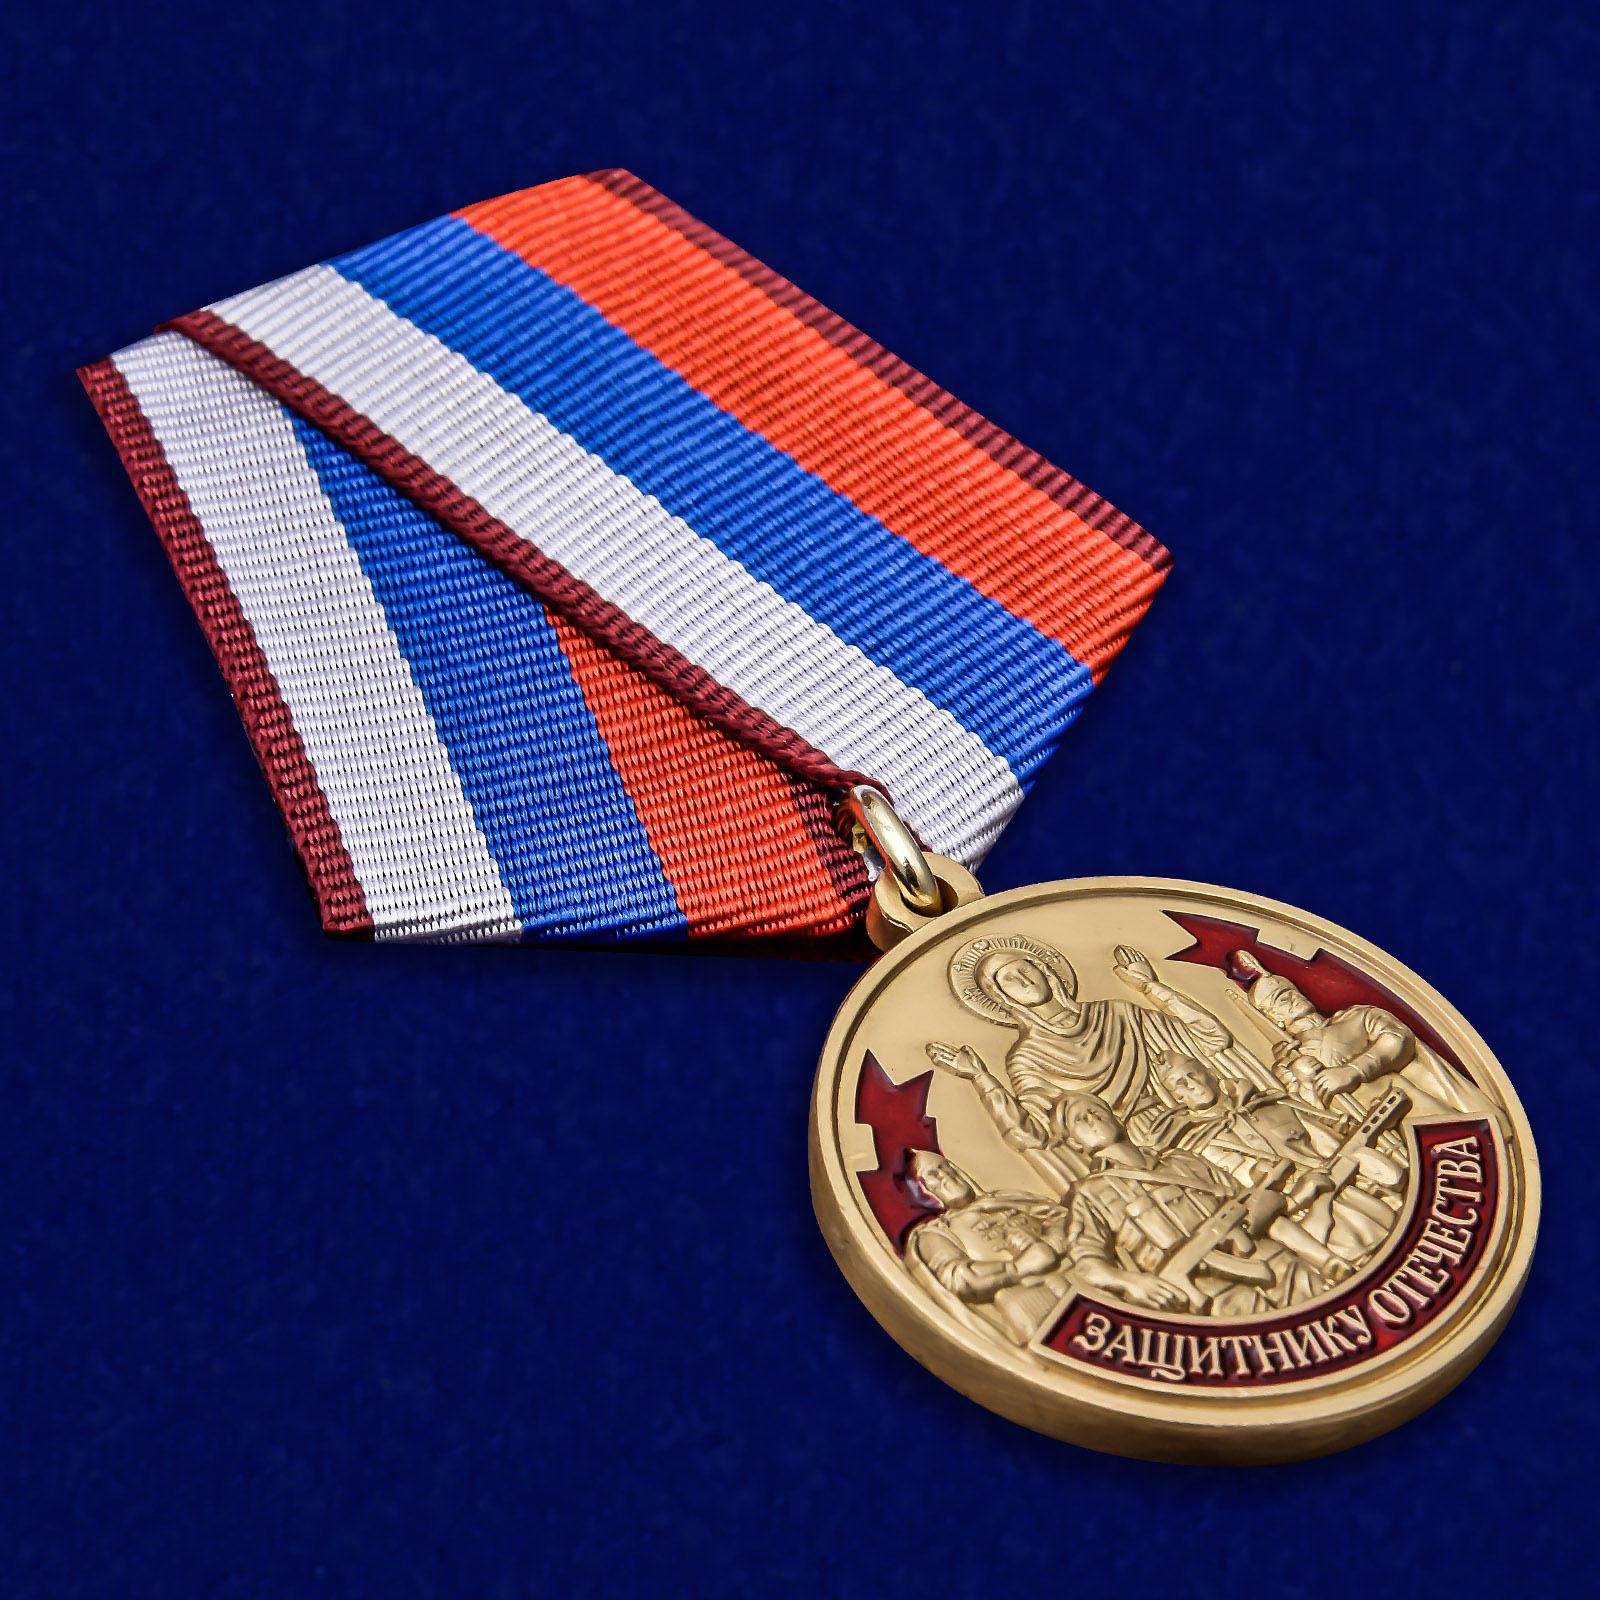 Наградная медаль Защитнику Отечества 23 февраля - общий вид